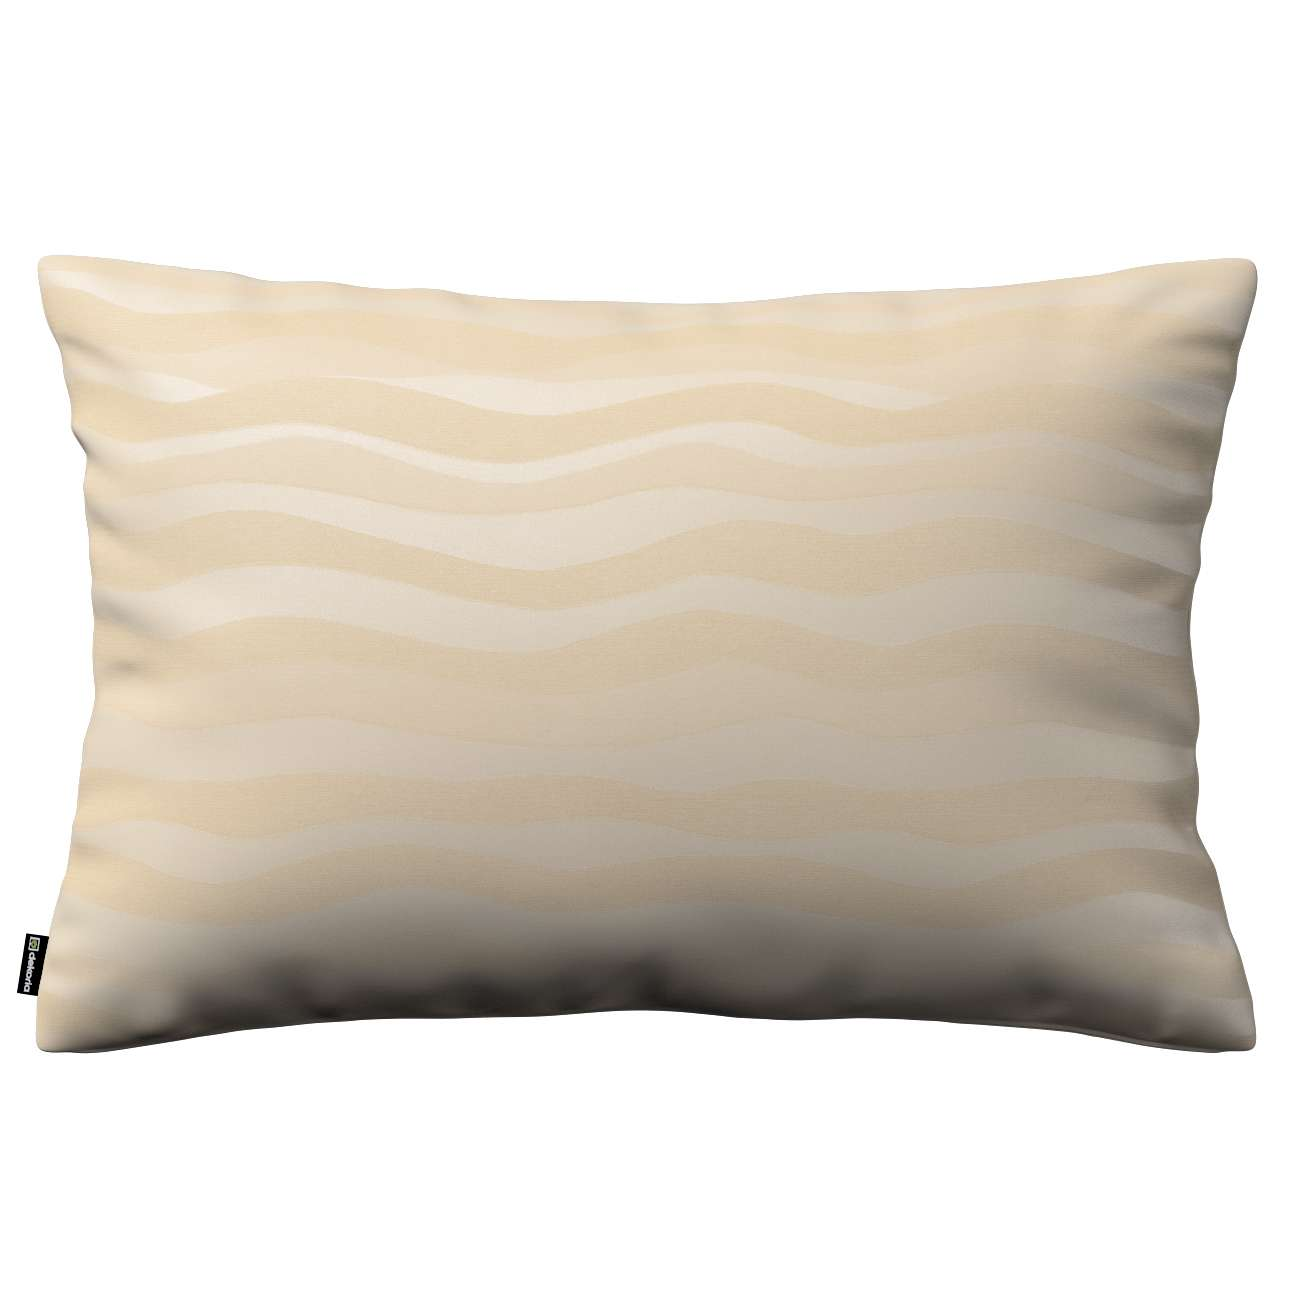 Kinga dekoratyvinės pagalvėlės užvalkalas 60x40cm kolekcijoje Damasco, audinys: 141-76